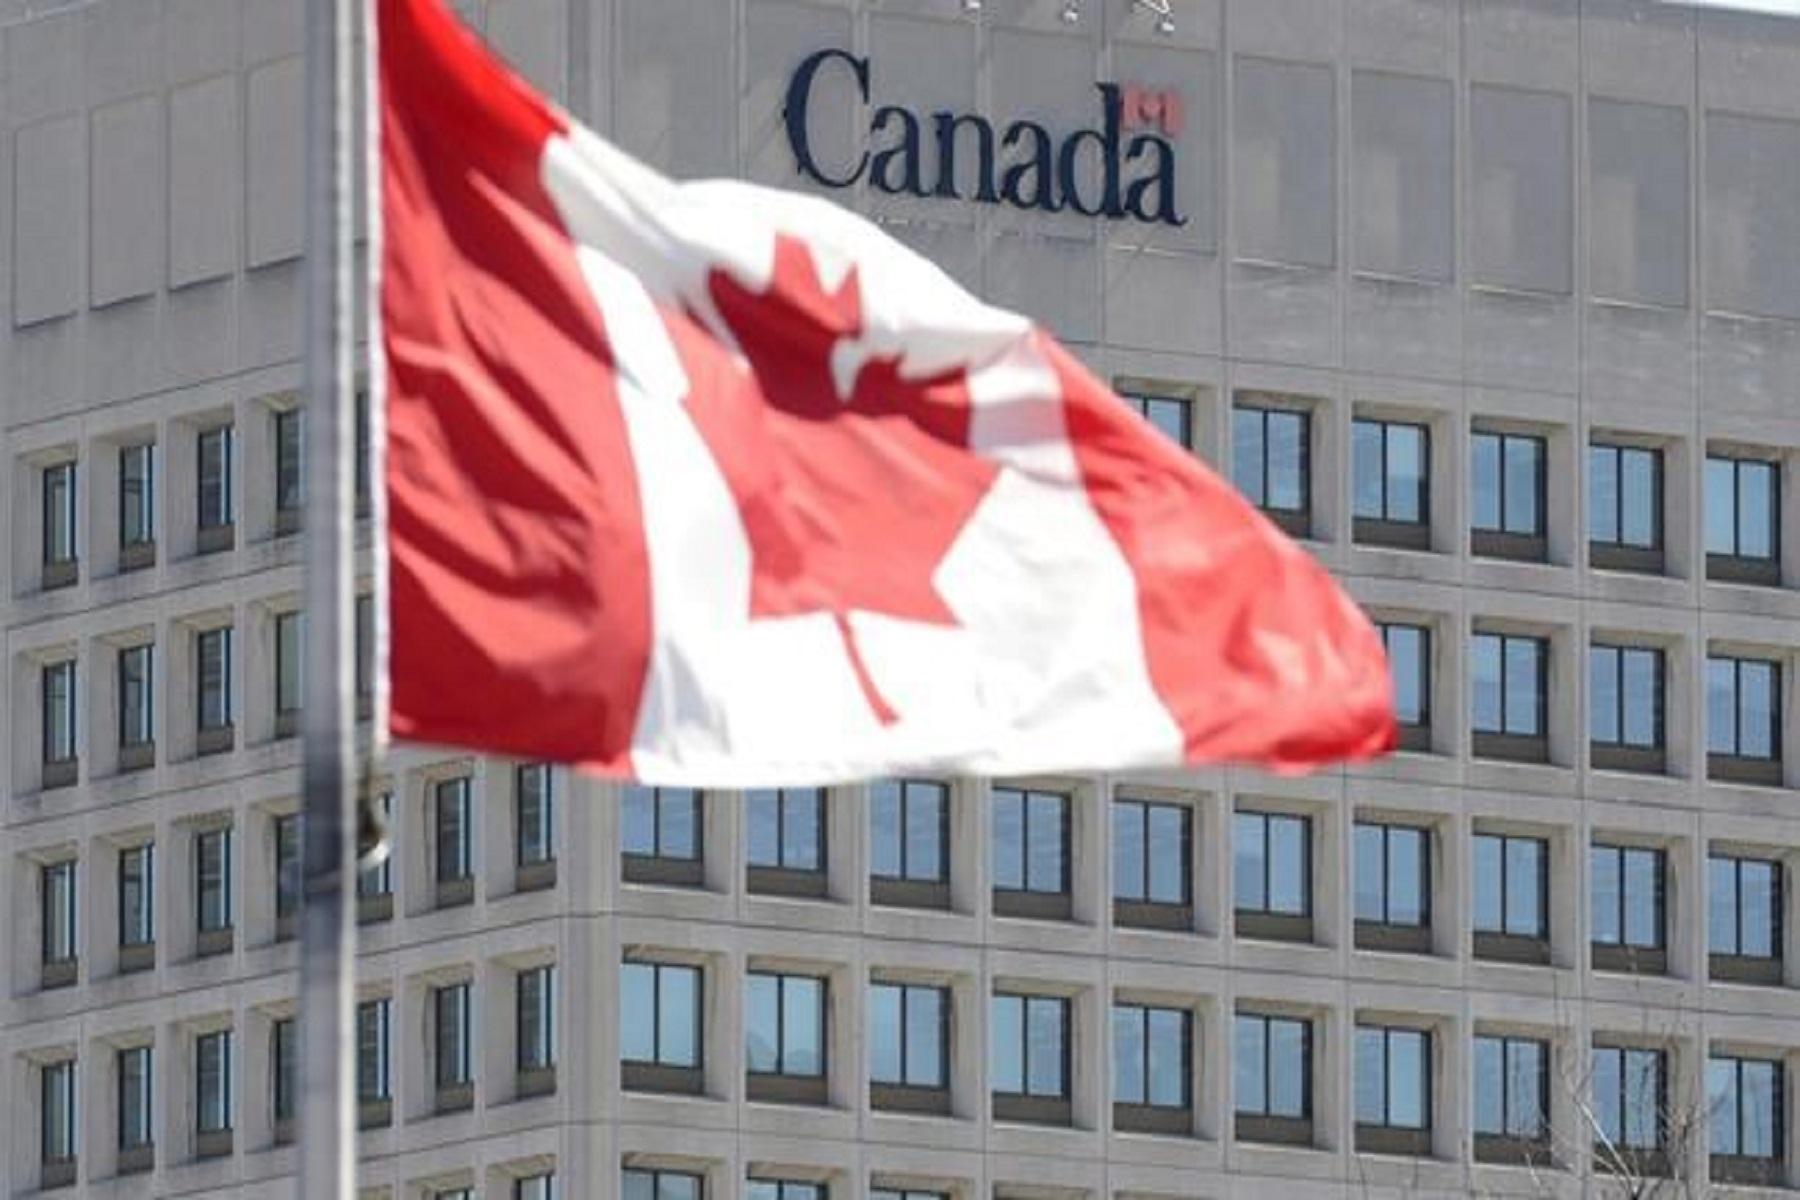 Ταλιμπάν Καναδάς: Στέλνει ειδικές δυνάμεις για να κλείσει την πρεσβεία του Αφγανιστάν